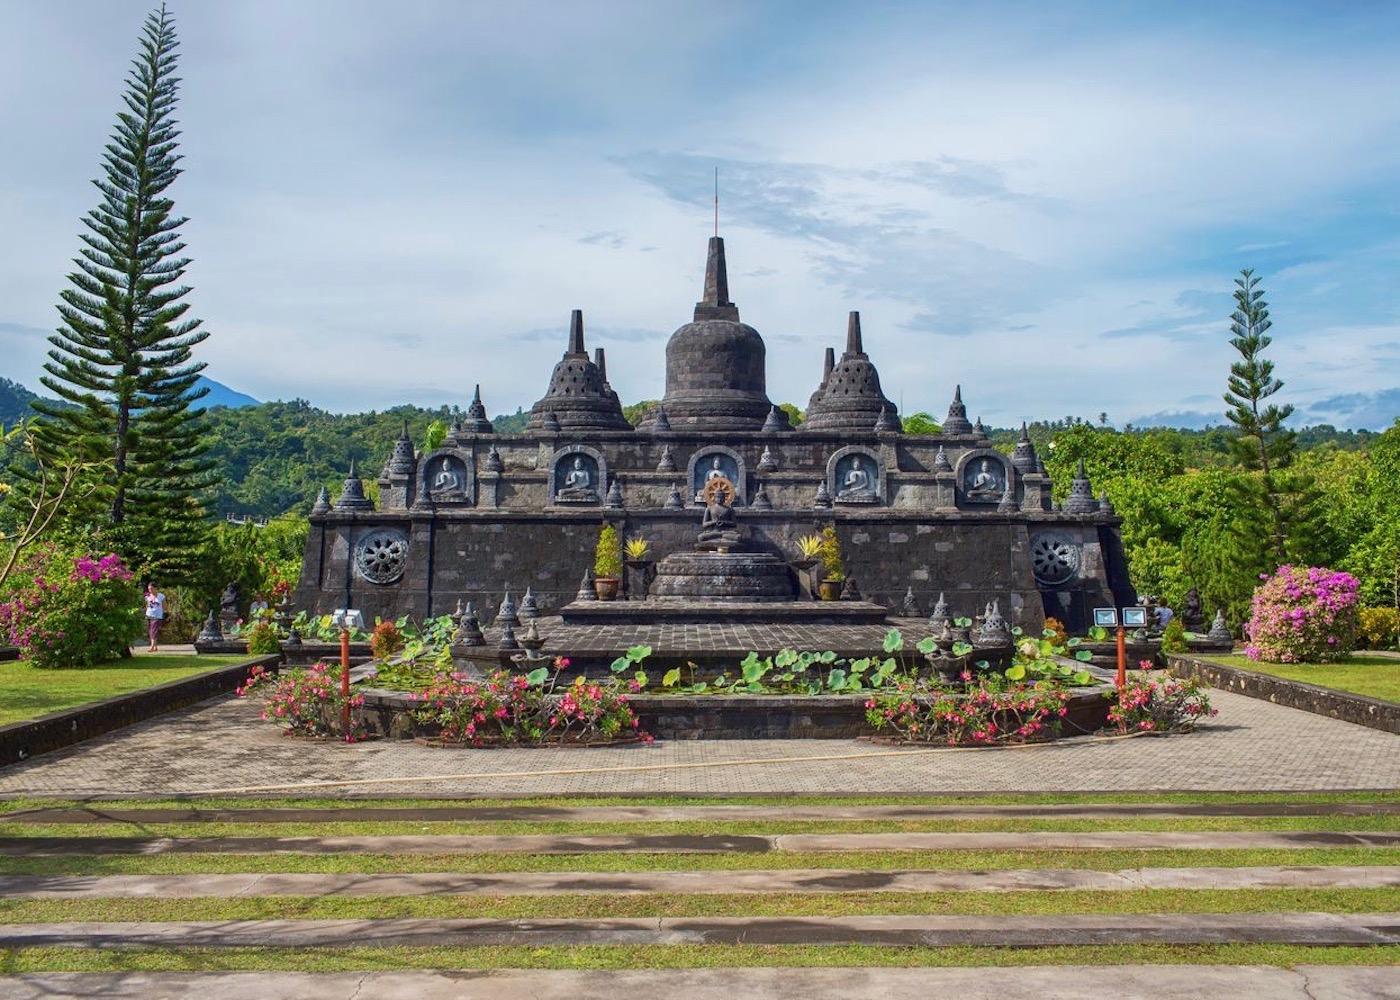 Buddhist Temple in North Bali, Indonesia